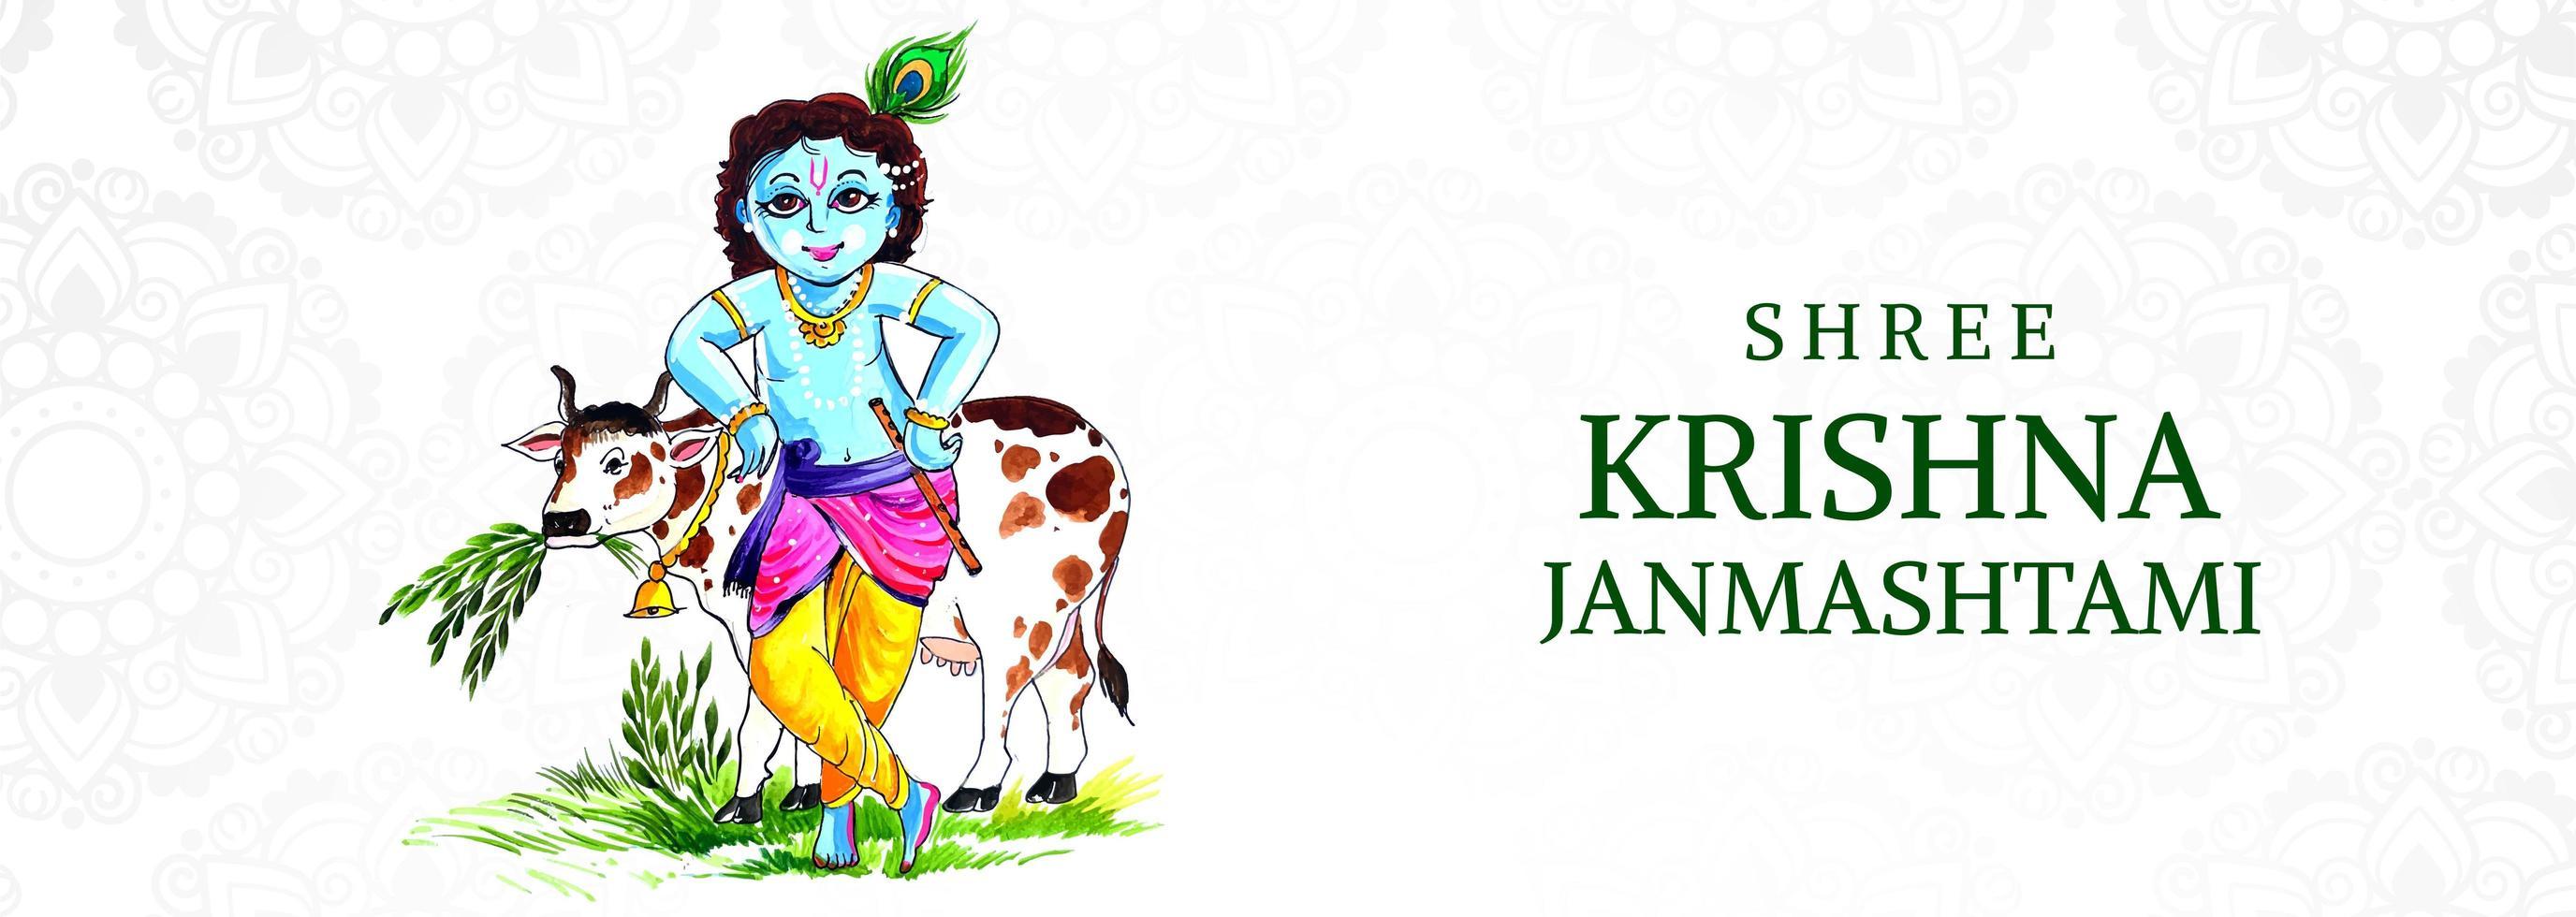 glad krishna lutar sig på ko janmashtami festival banner vektor